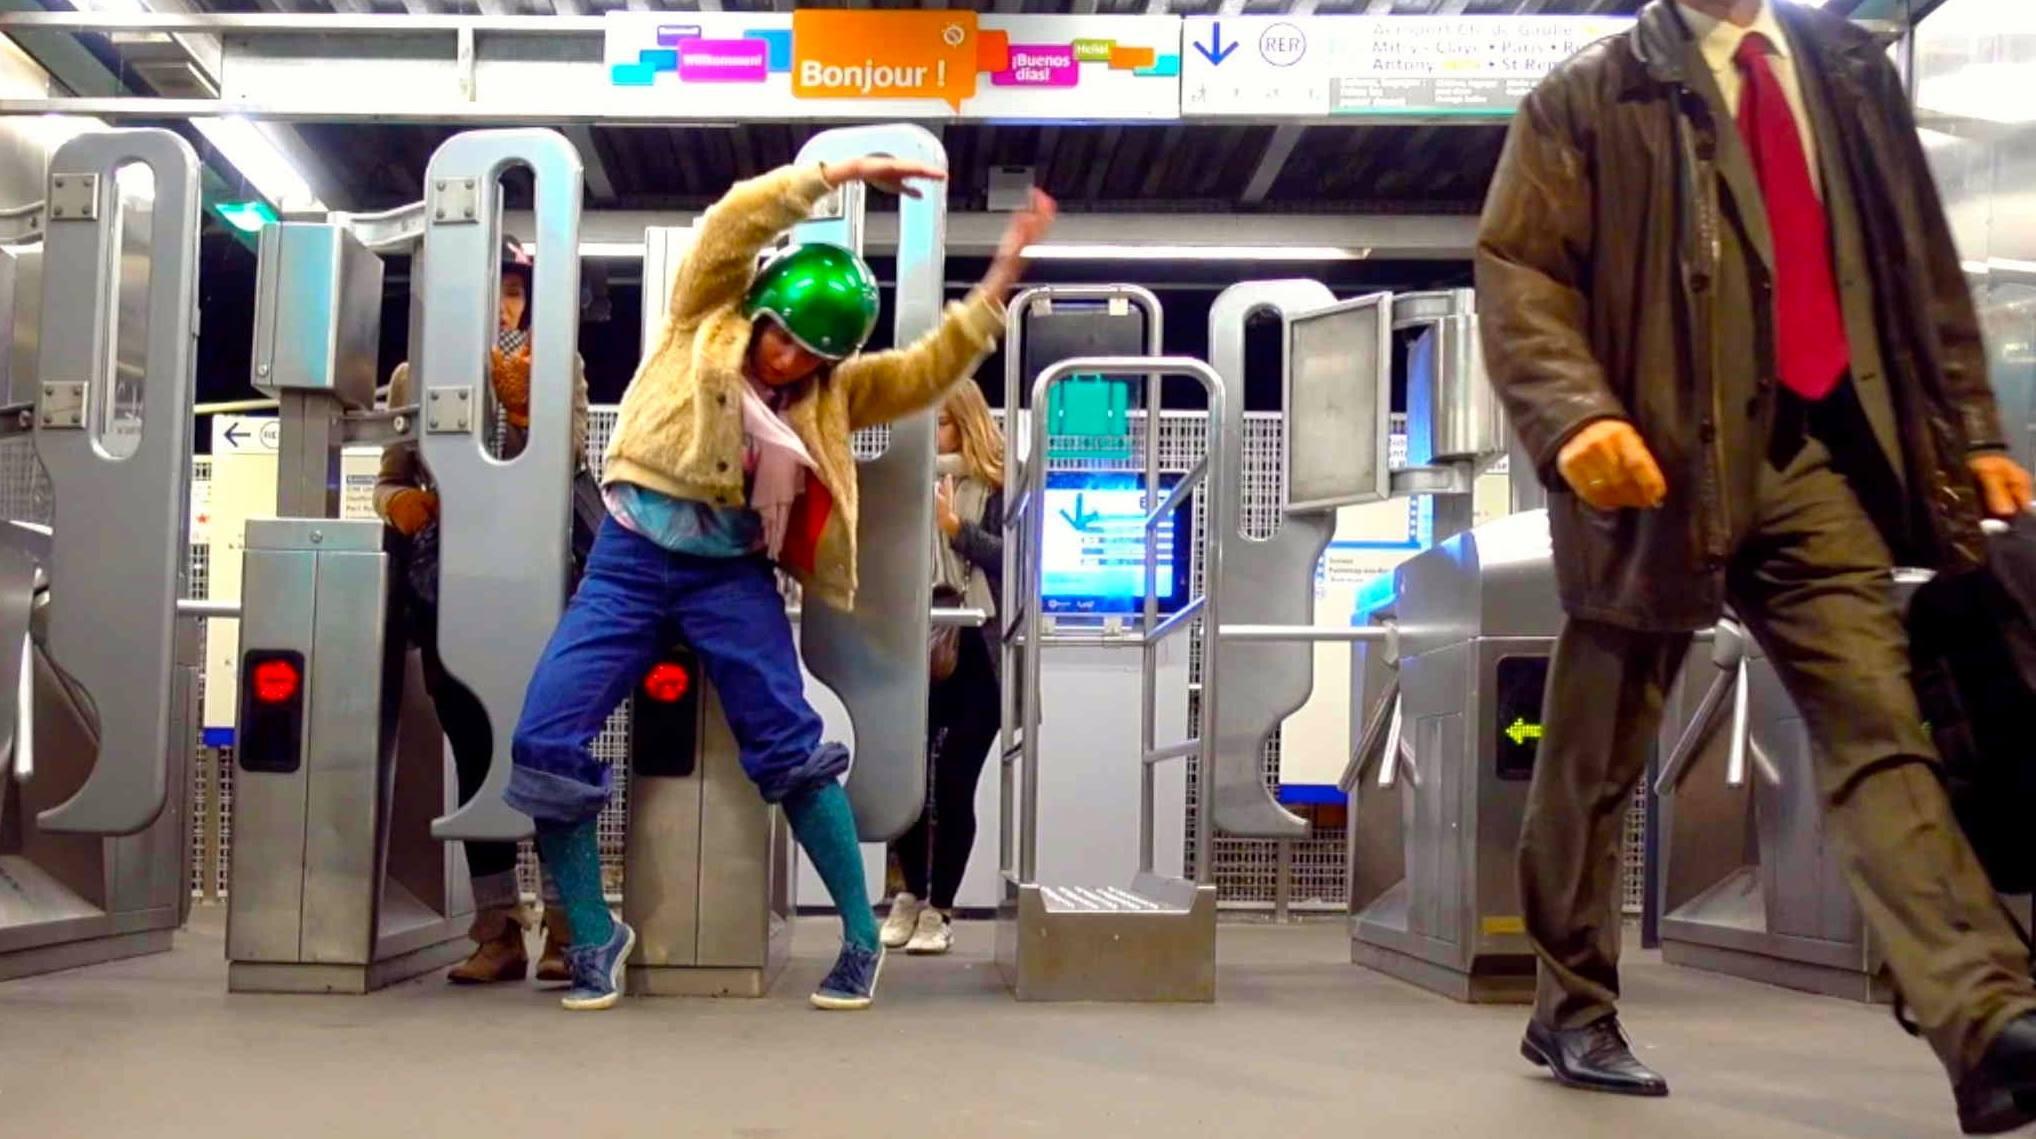 Nadia Vadori-Gauthier donne «une minute de danse par jour» dans le RER parisien.